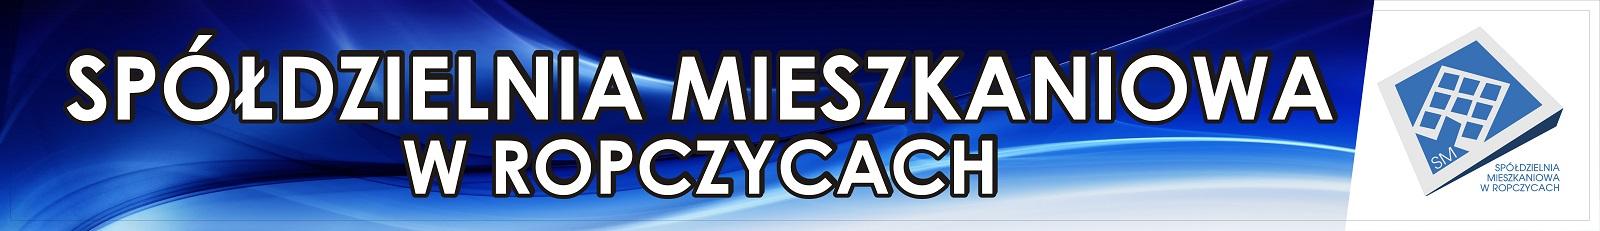 Spółdzielnia Mieszkaniowa w Ropczycach